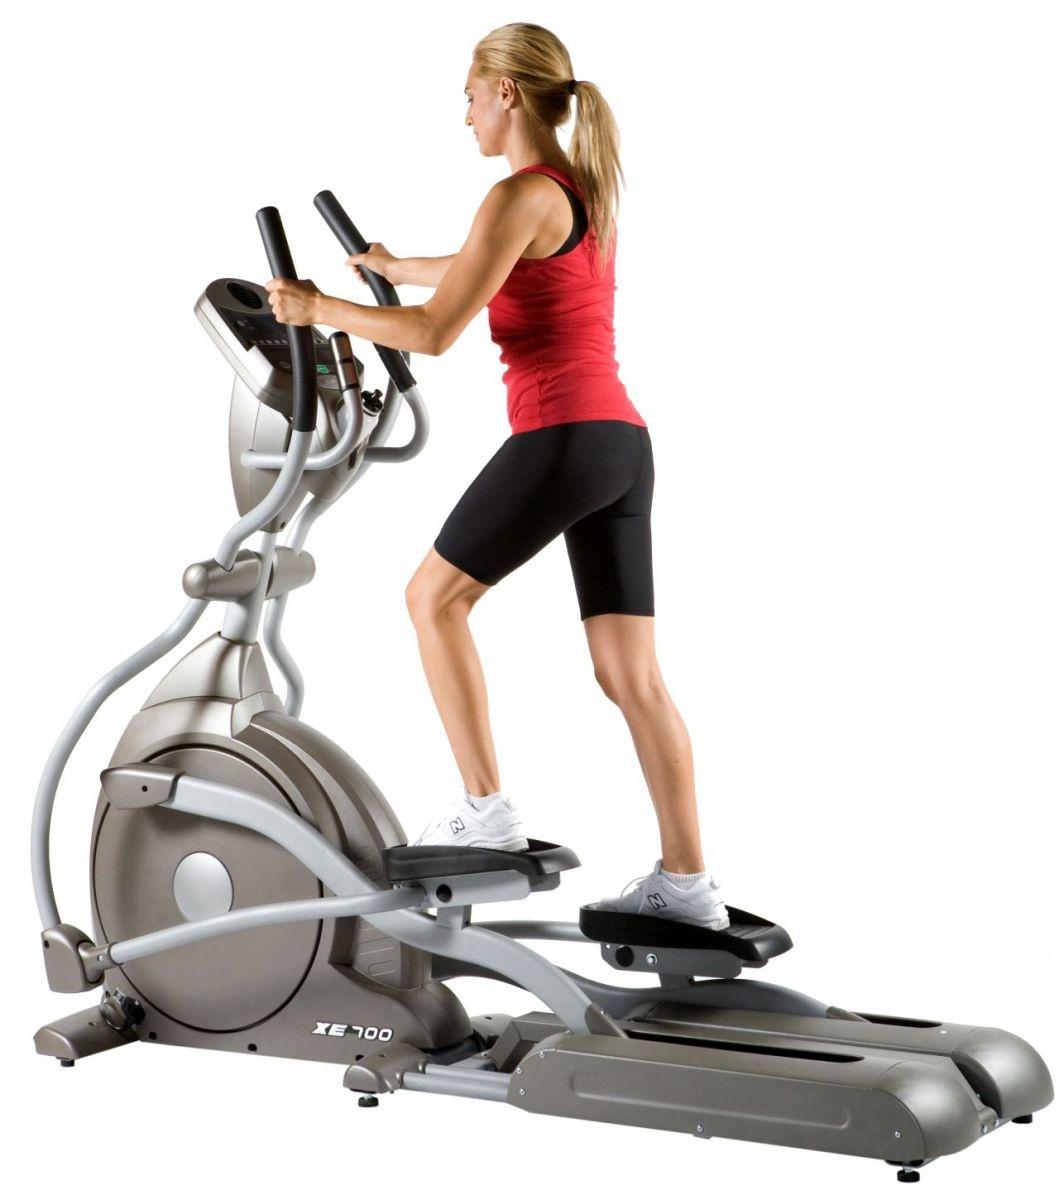 Купить тренажёр для похудения в домашних условиях